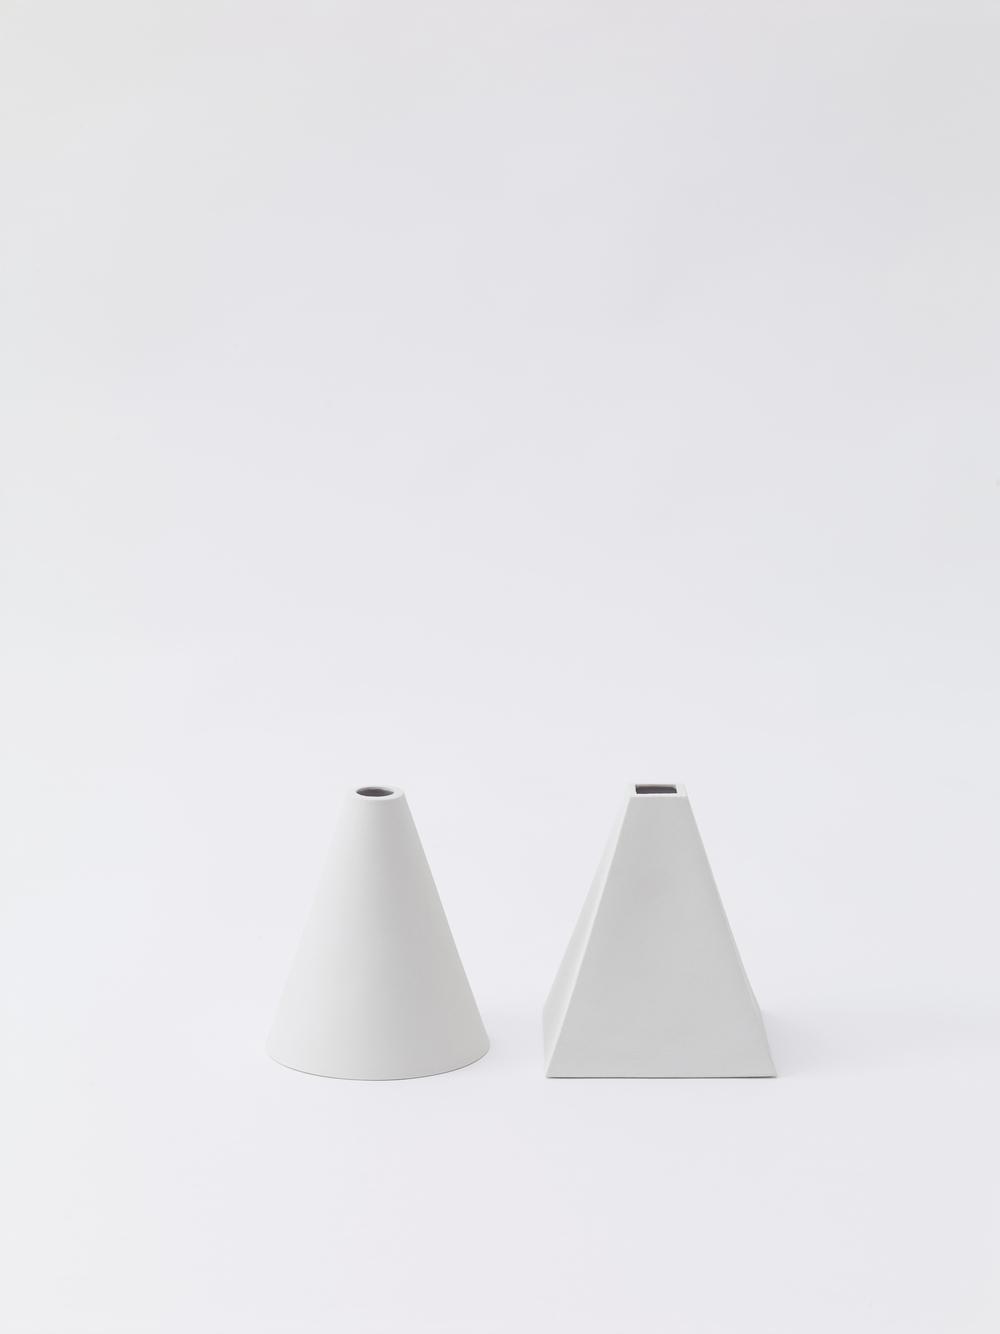 Cone_Pyramid_Marlies_Neugebauer.jpg